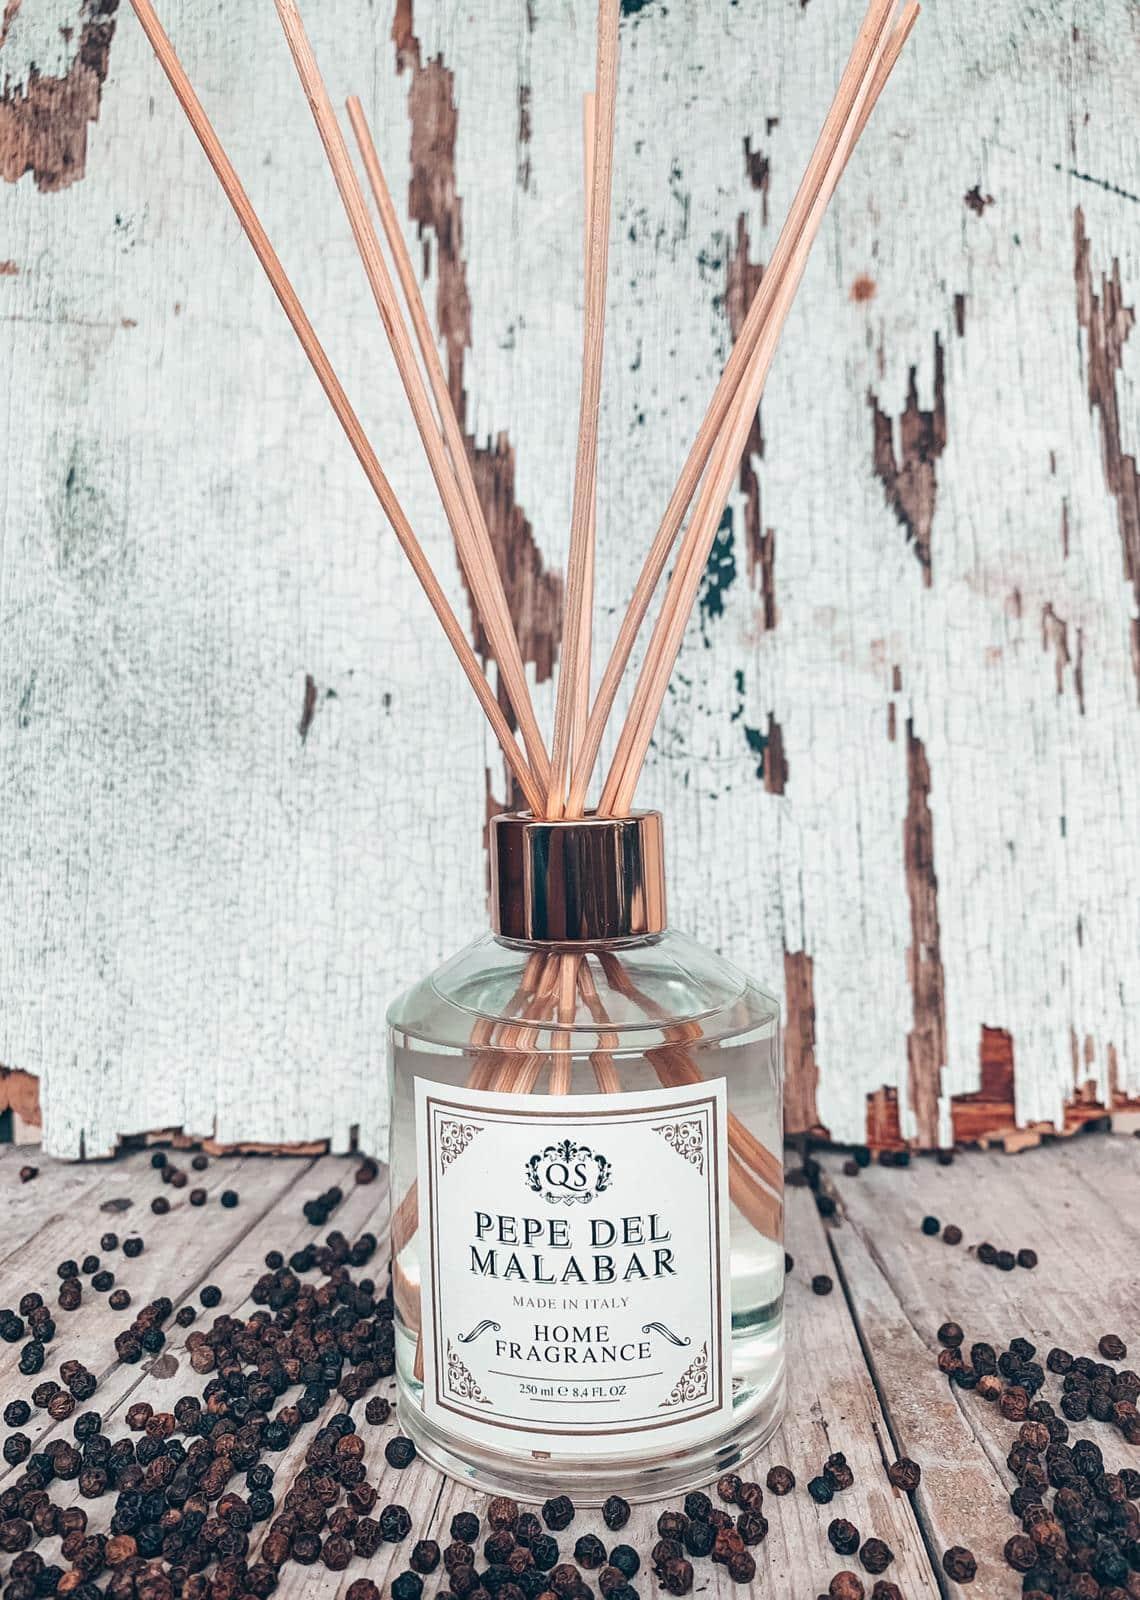 pepe del malabar profumo per la casa spray fragranze e profumi ambinete shop online